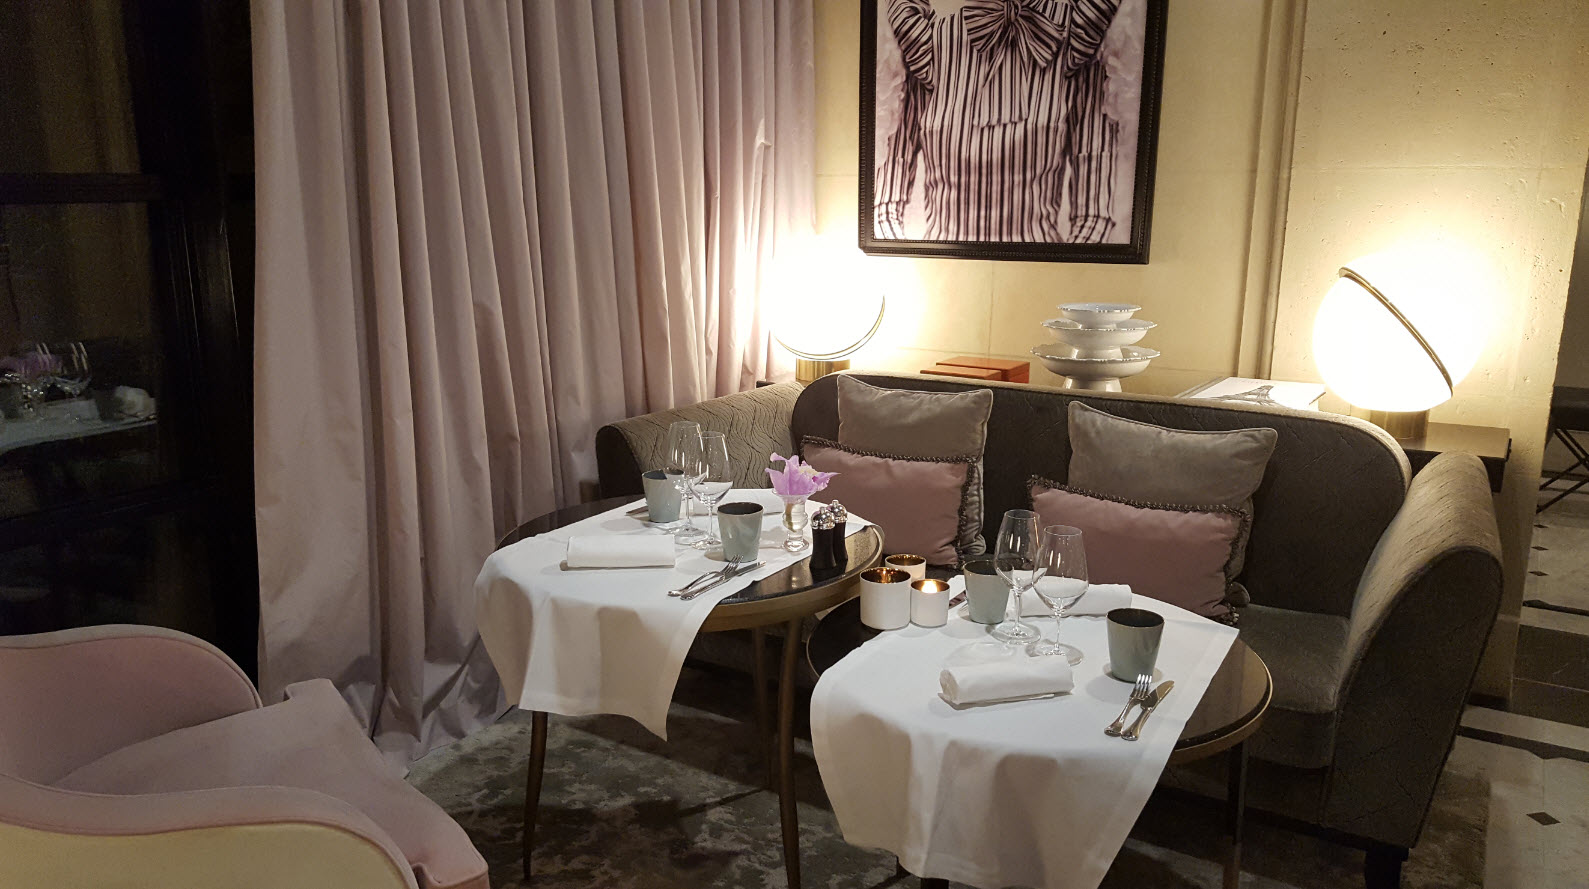 Restaurant Cleo Paris